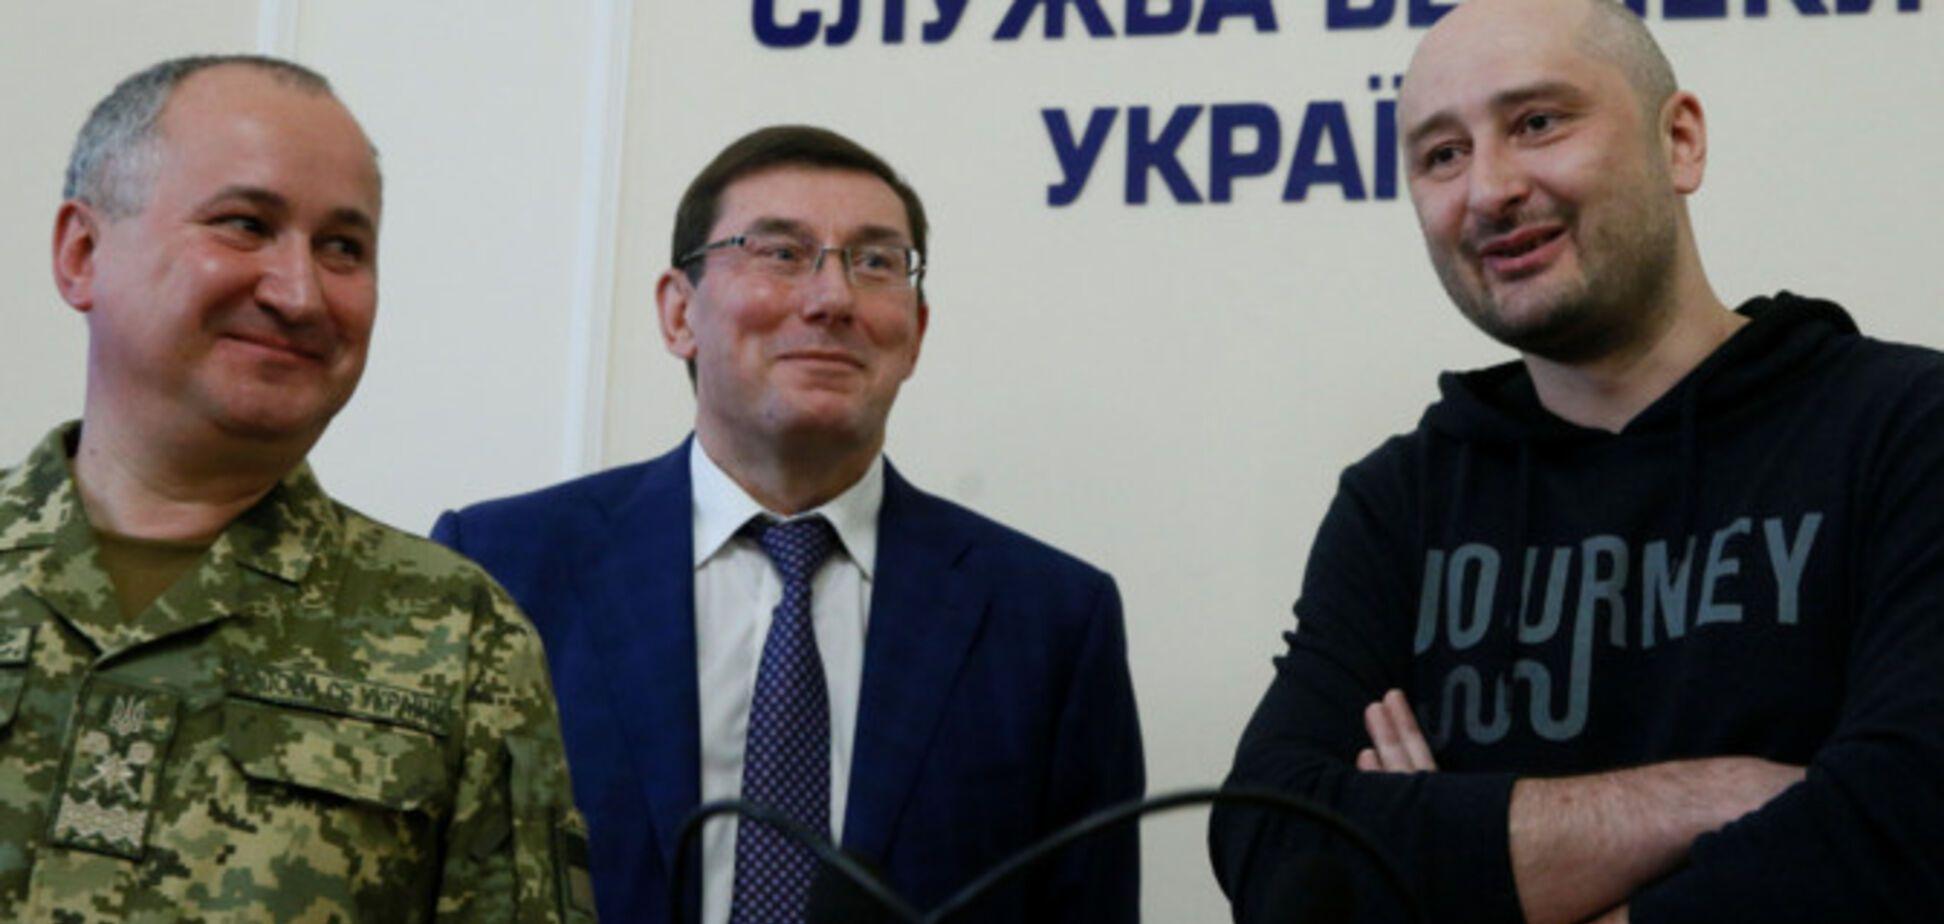 Не Бабченком єдиним: кого ще 'вбили' в Україні